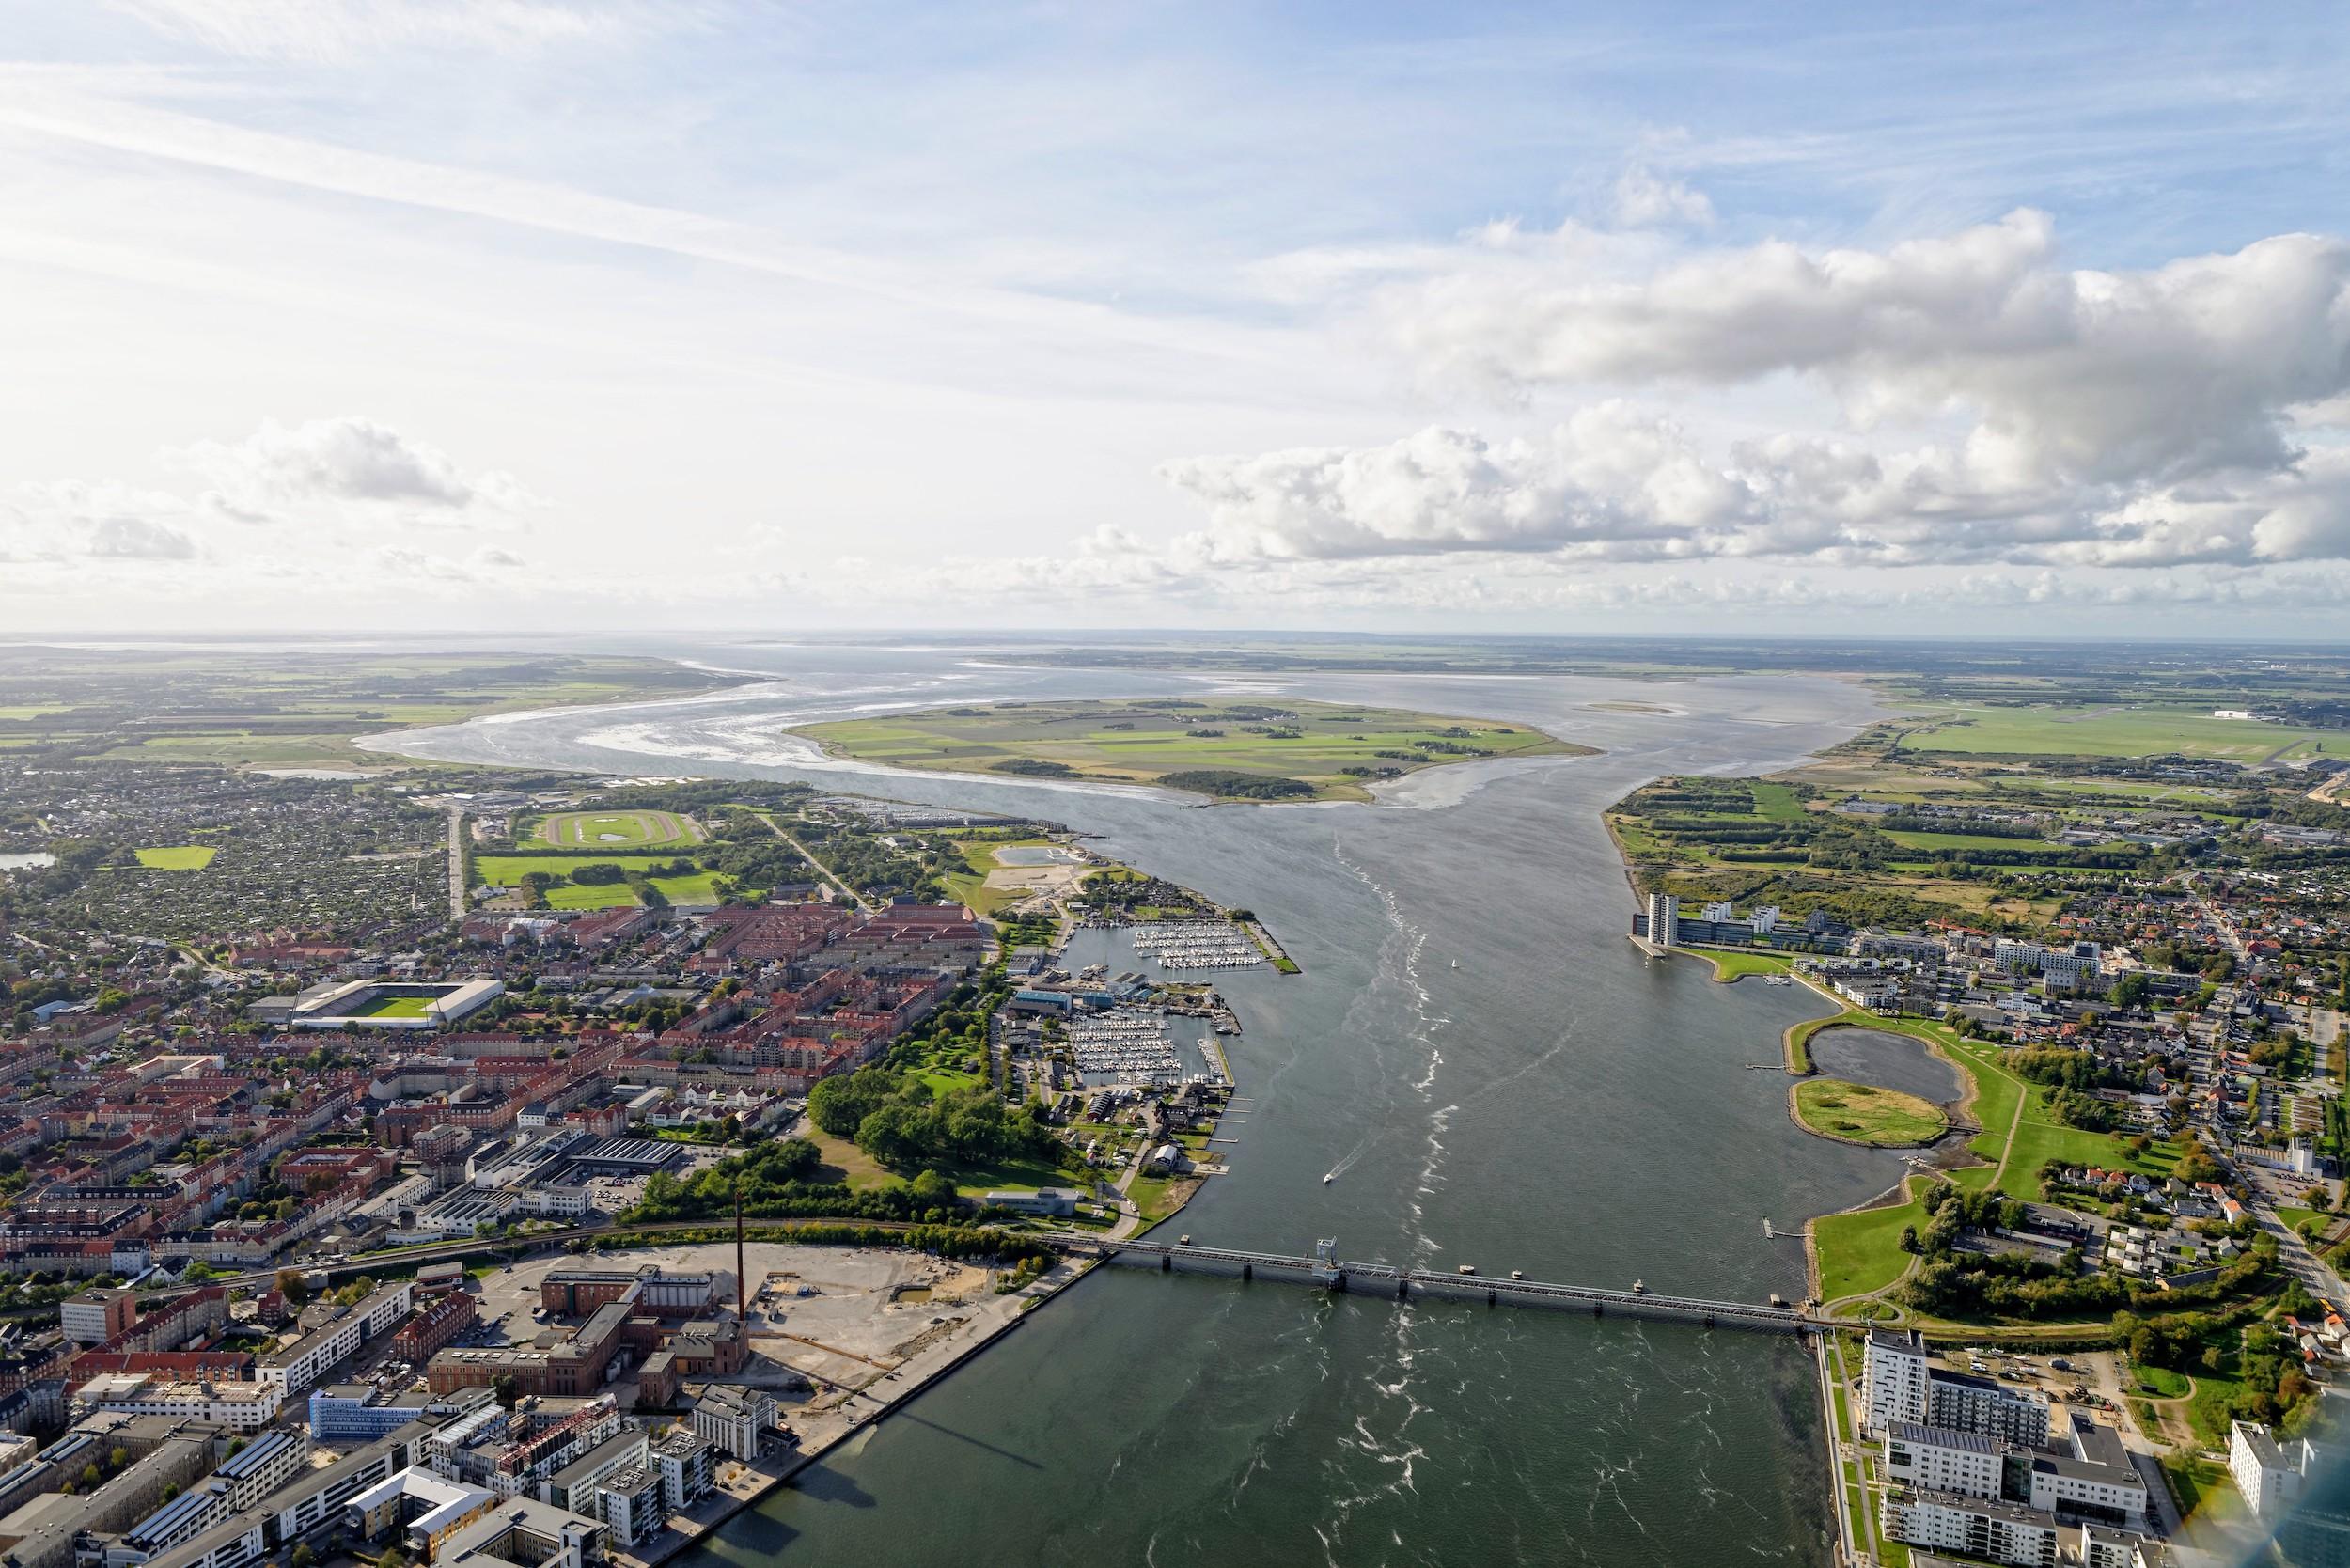 Egholm fra luften. Foto: Aalborg luftfoto